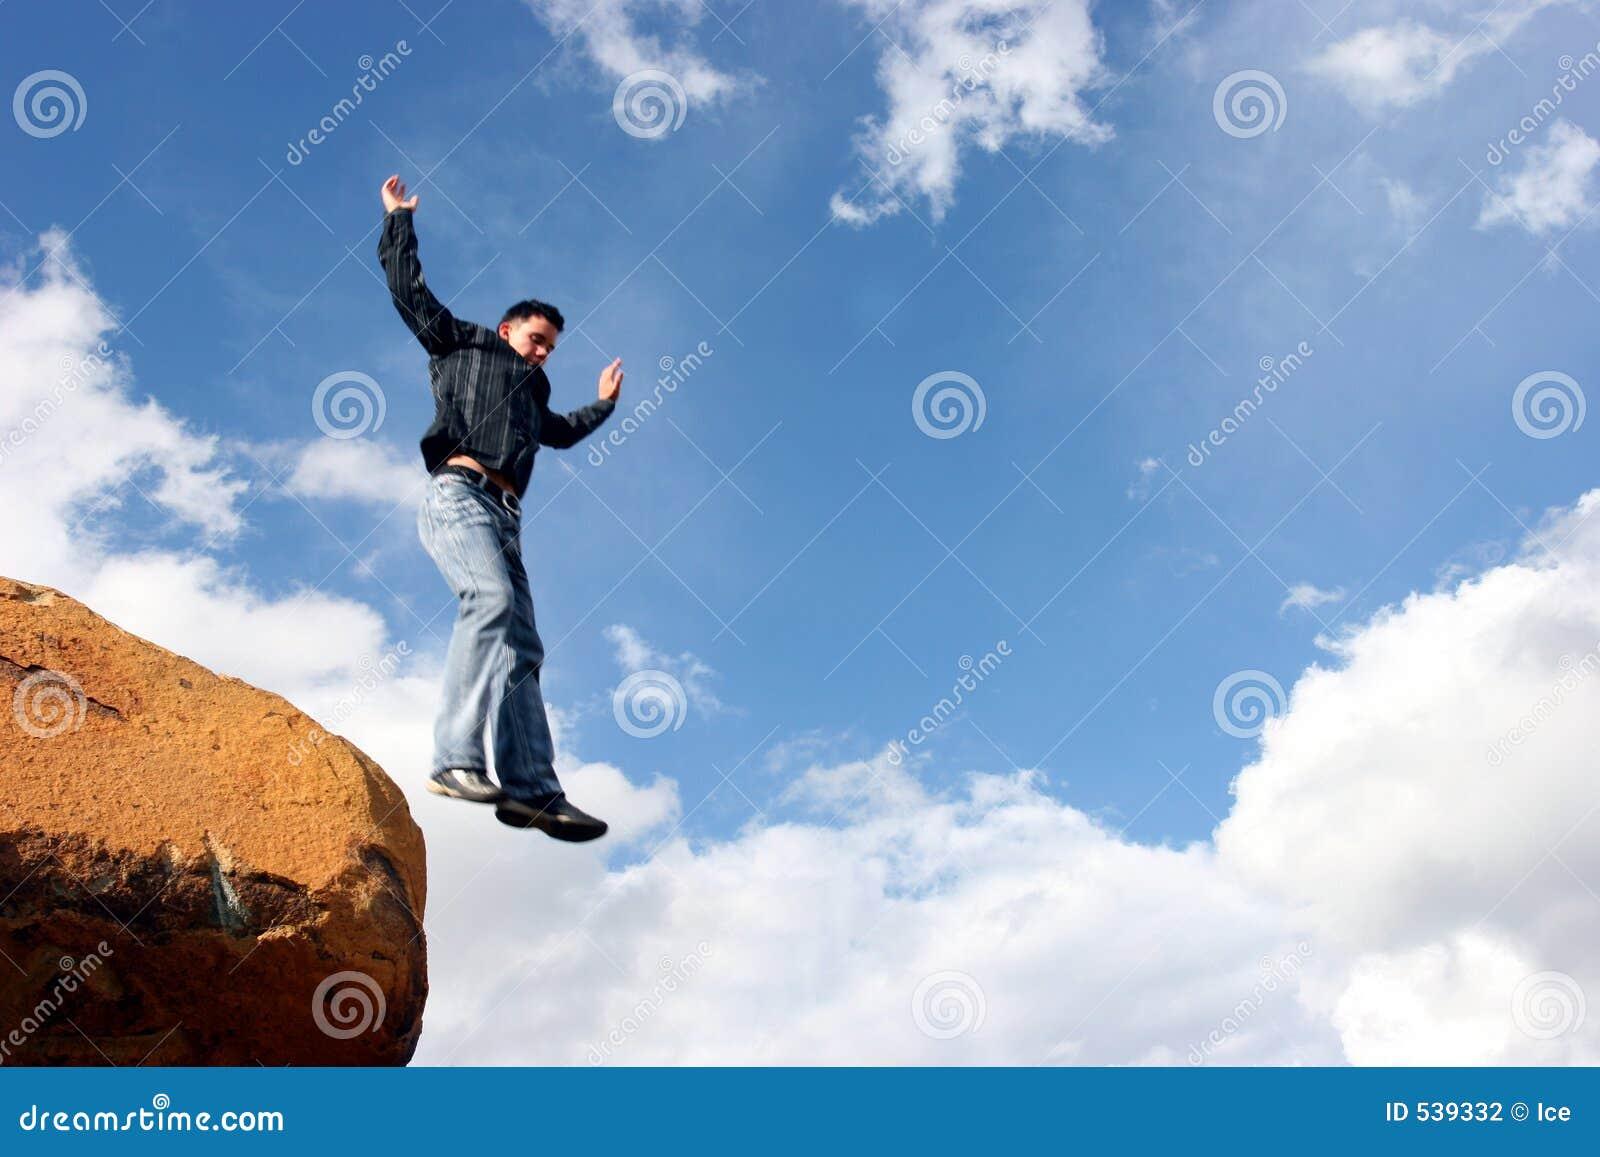 Download 倾没采取 库存照片. 图片 包括有 岩石, 退出, 云彩, 极其, 执行, 飞跃, 上升, 立场, 上涨, 室外 - 539332